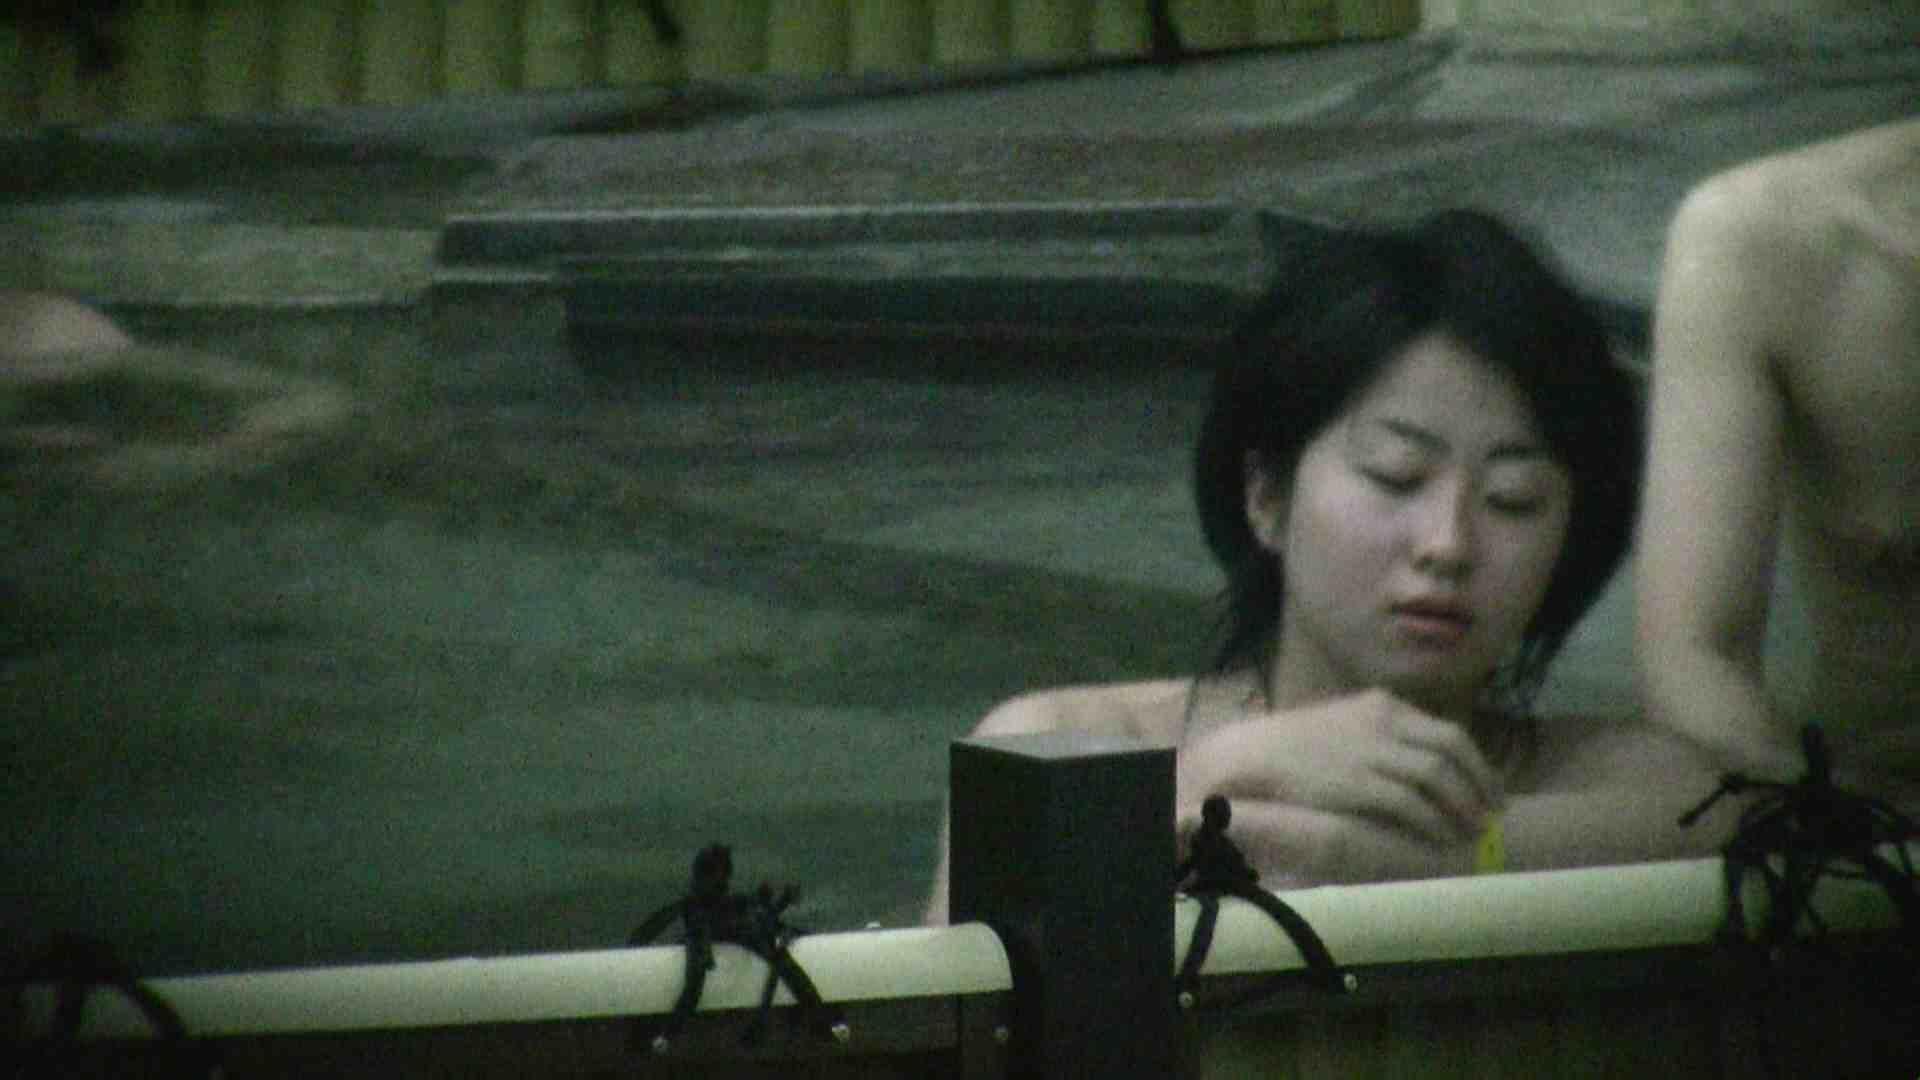 Aquaな露天風呂Vol.112 露天 | 綺麗なOLたち  73枚 58